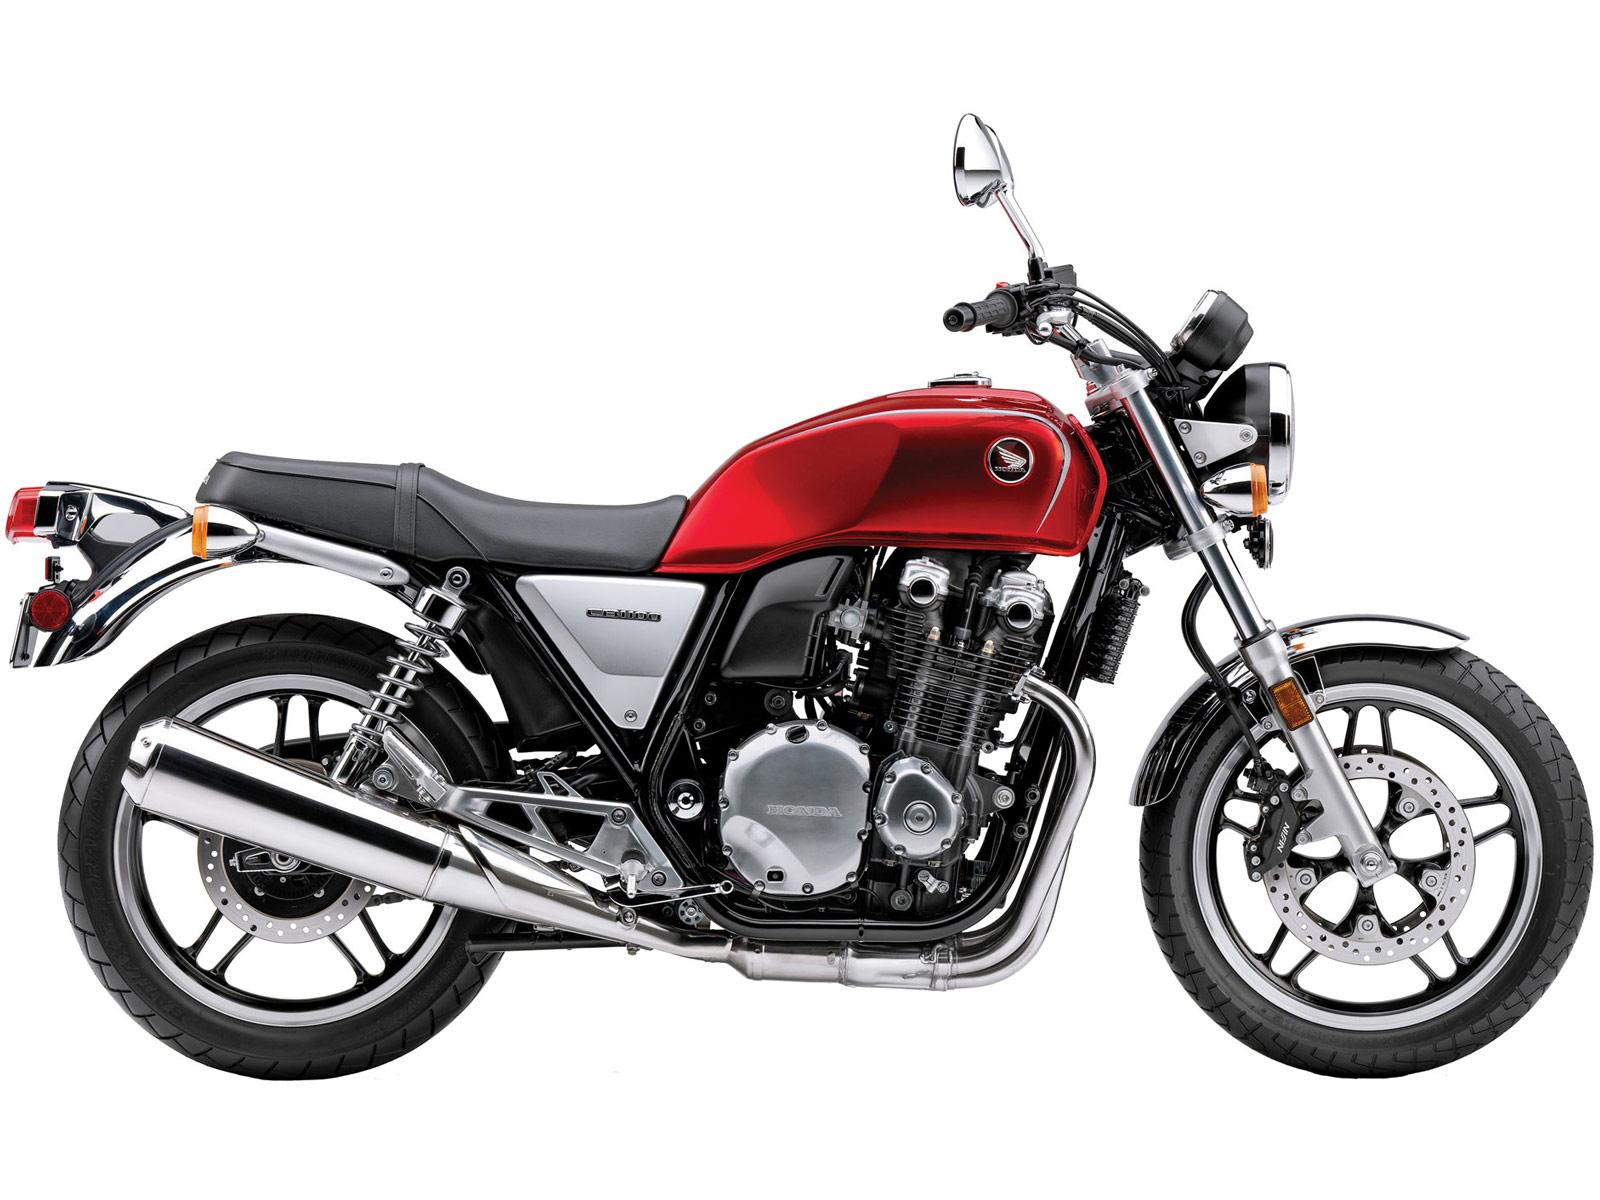 HONDA CB 1100 2013 1100 cm3 | moto roadster | ROUGE